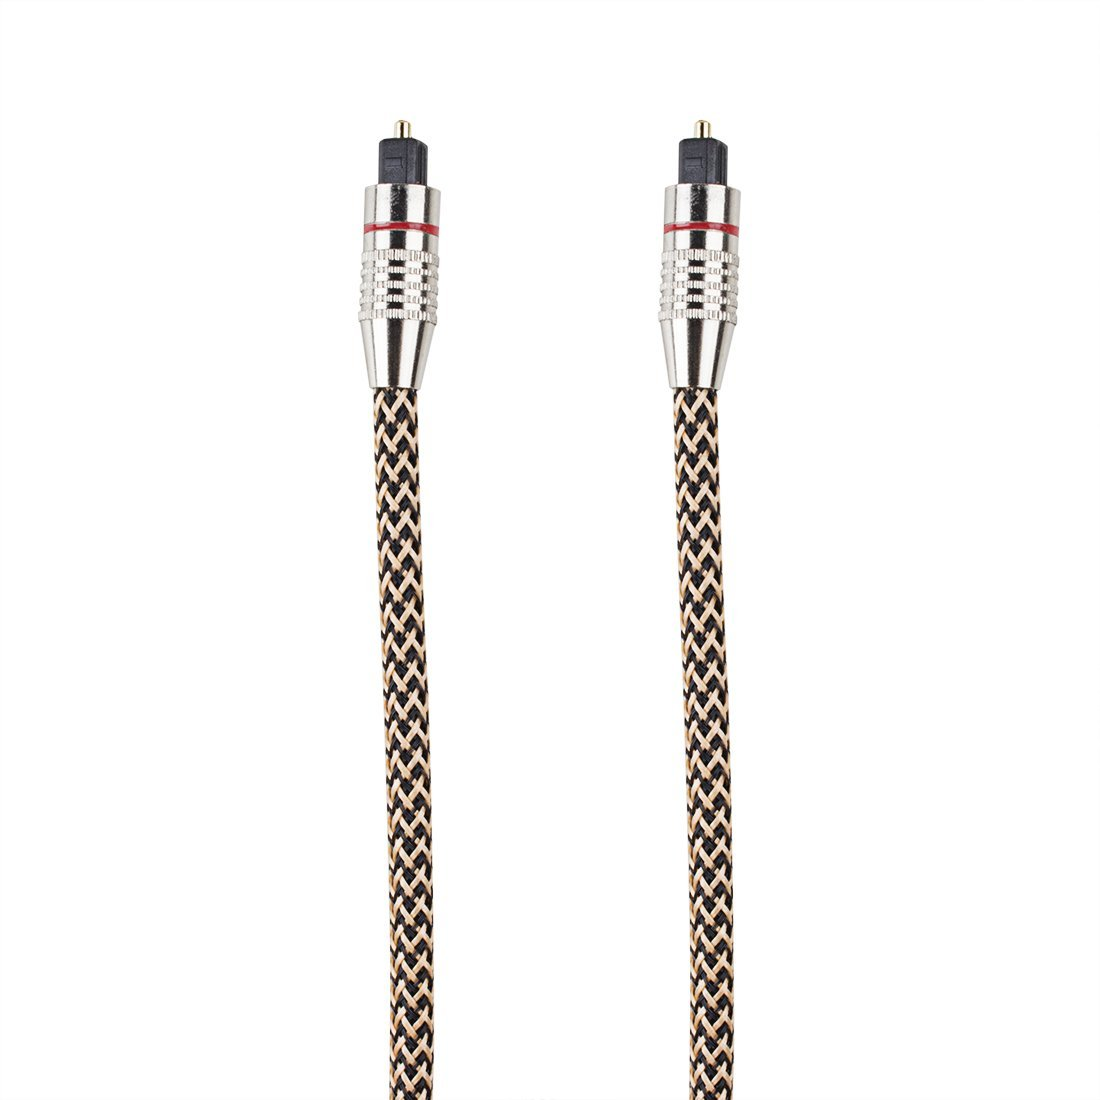 Amazon.com: eDealMax Cable de Audio óptico 3.3 Pies 1 Metros Macho a Macho chapado en níquel Con Cable de Metal Conectores OD 6mm Digital óptica alambre ...